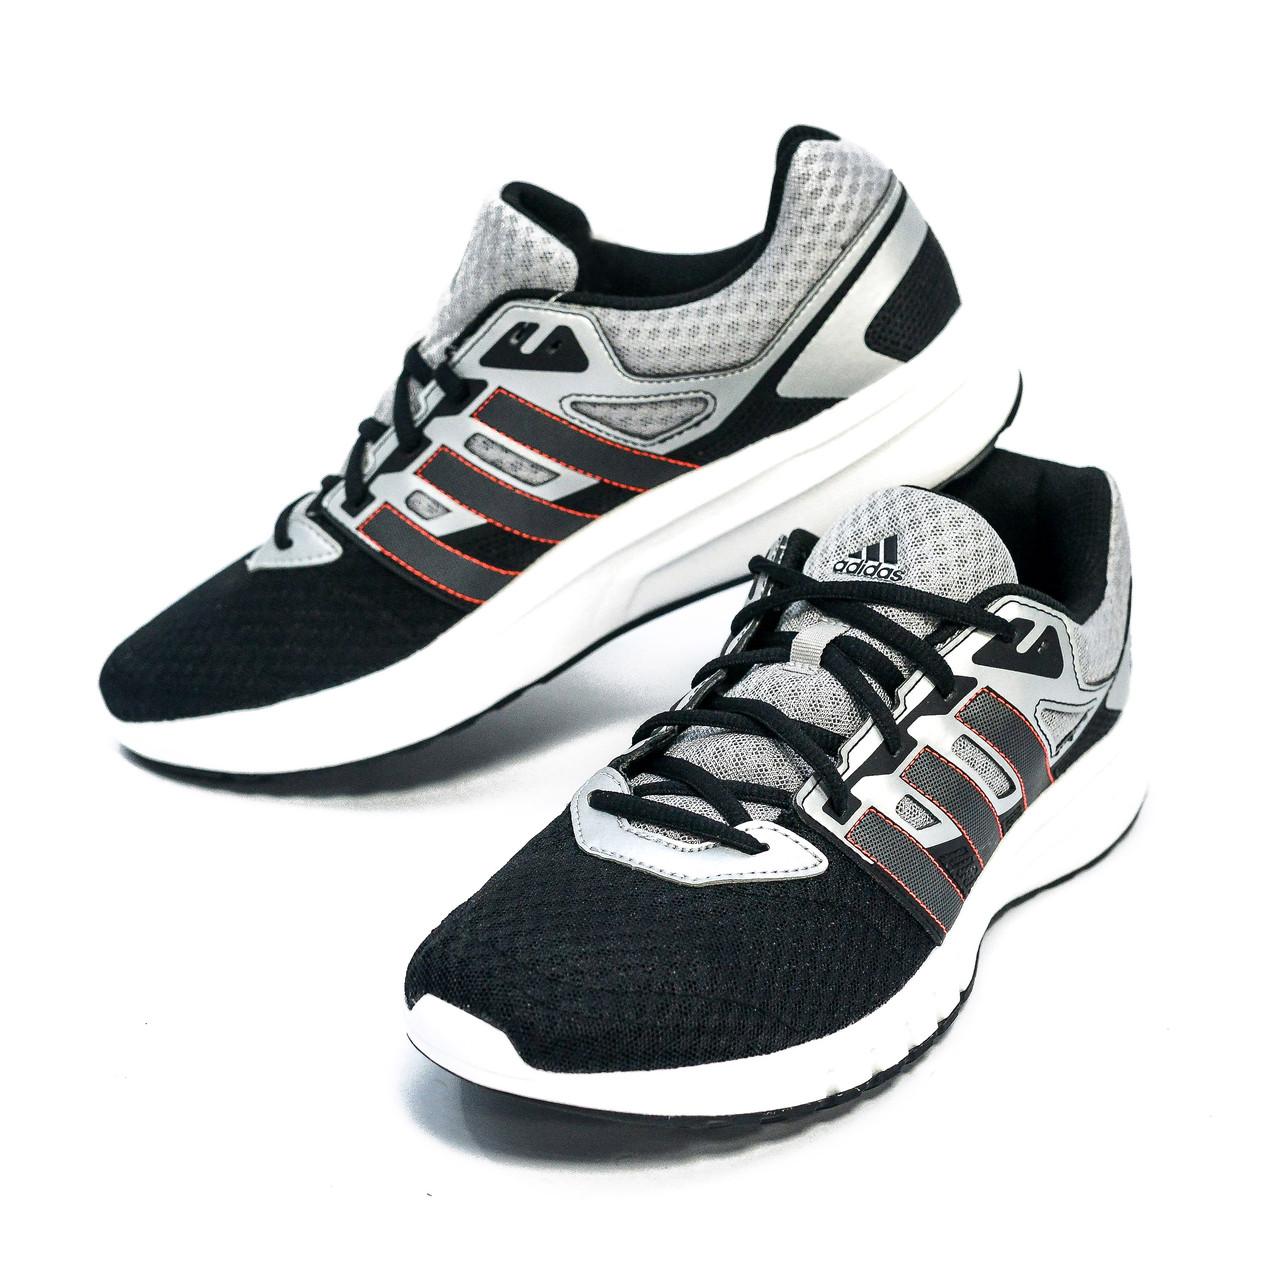 Оригинальные мужские кроссовки Adidas Galaxy 2